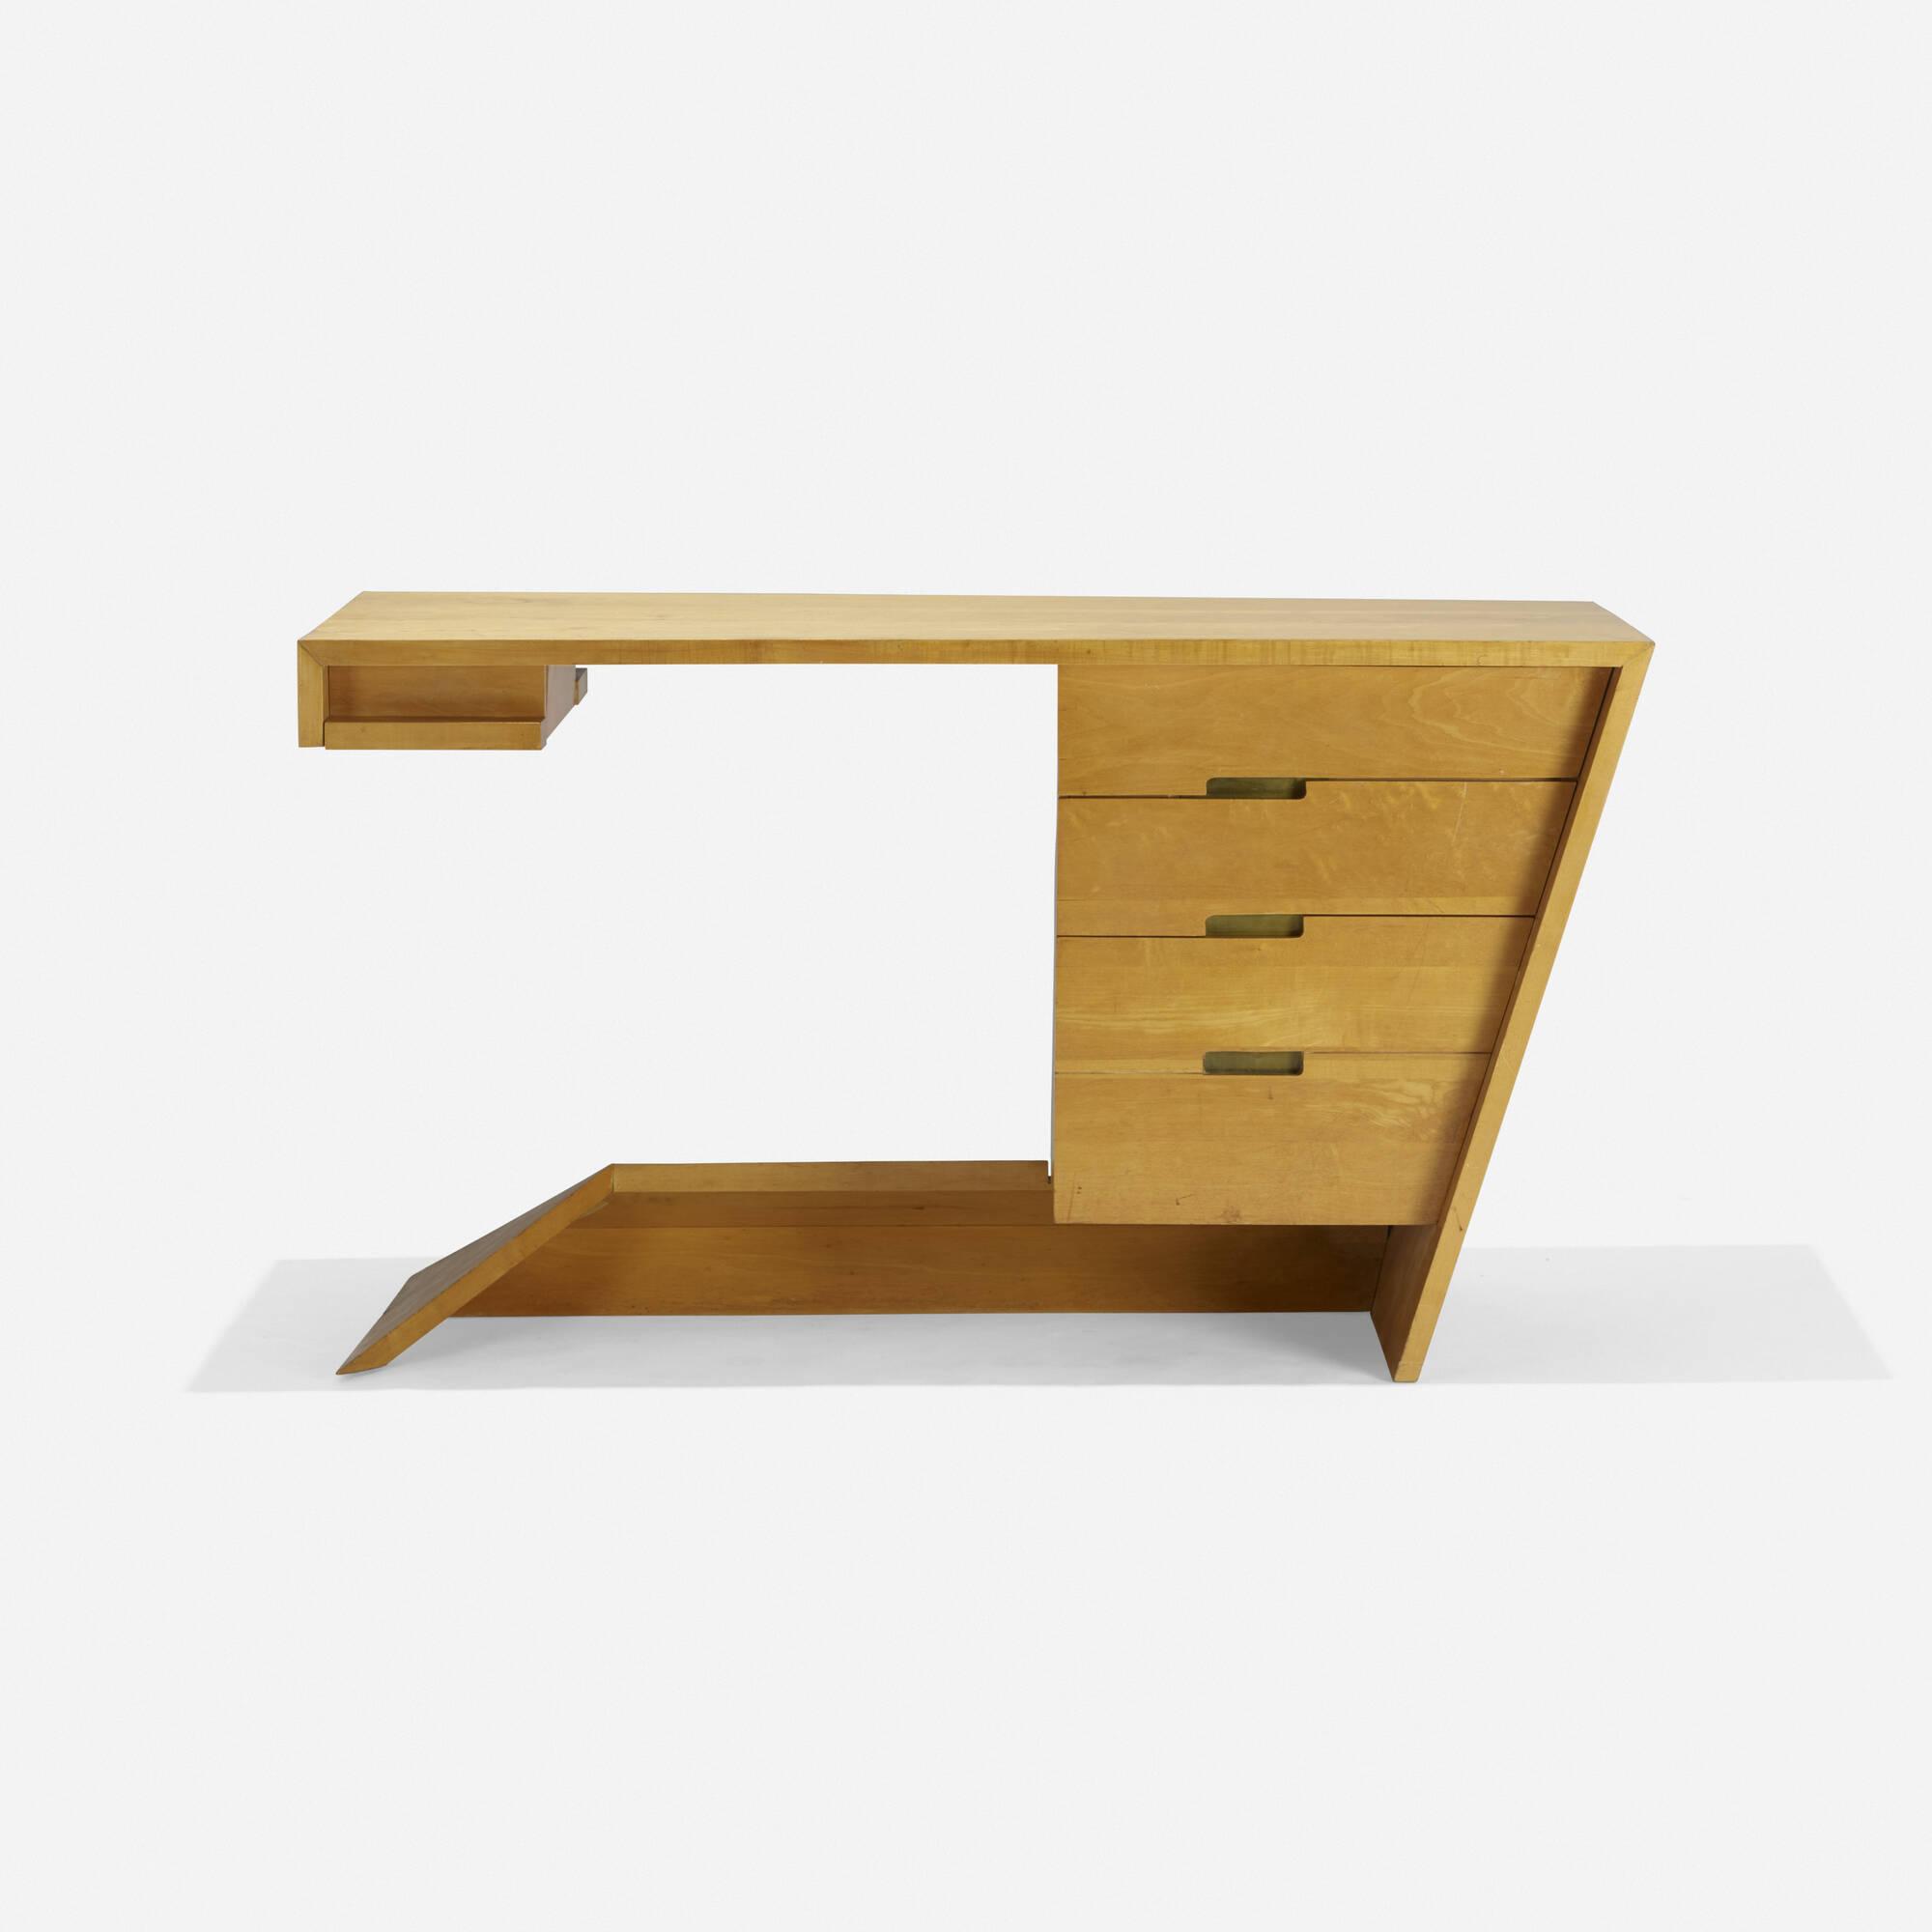 238: Dan Johnson / desk (1 of 5)